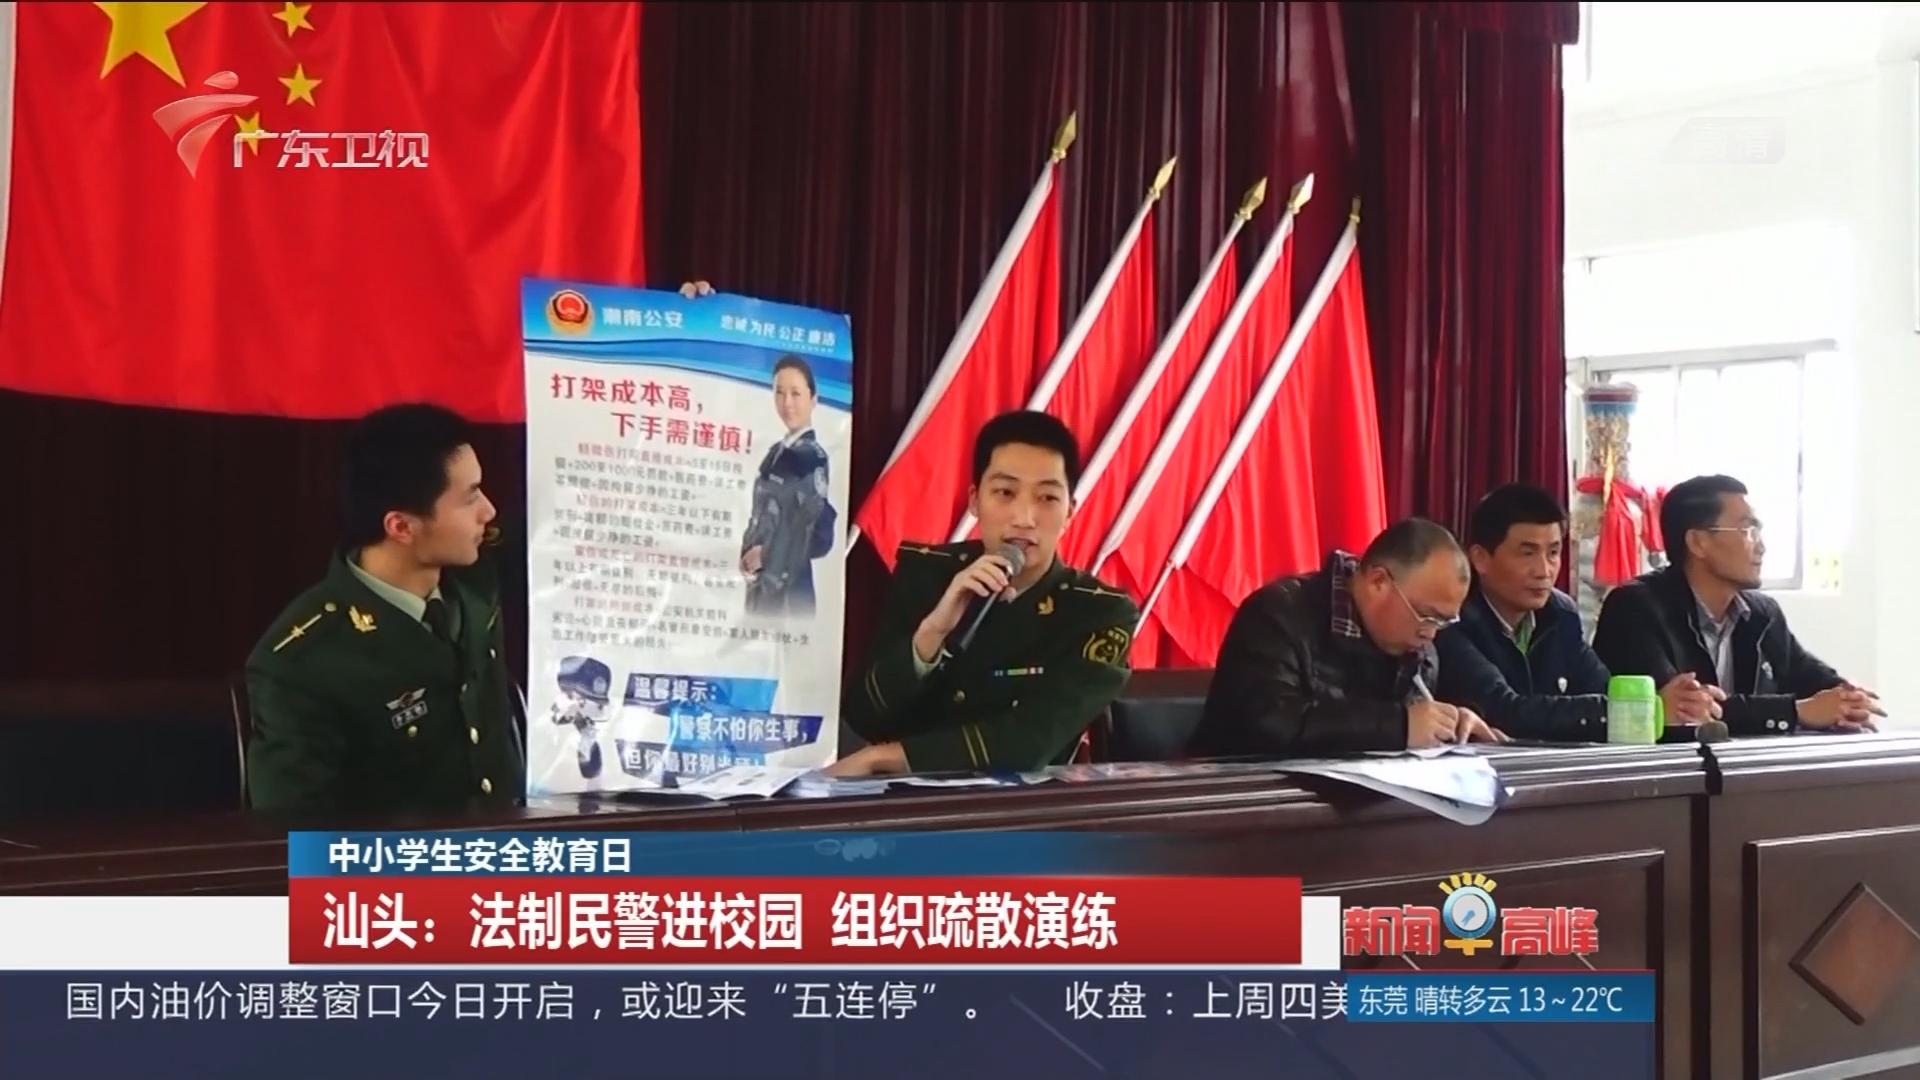 中小学生安全教育日 汕头:法制民警进校园 组织疏散演练